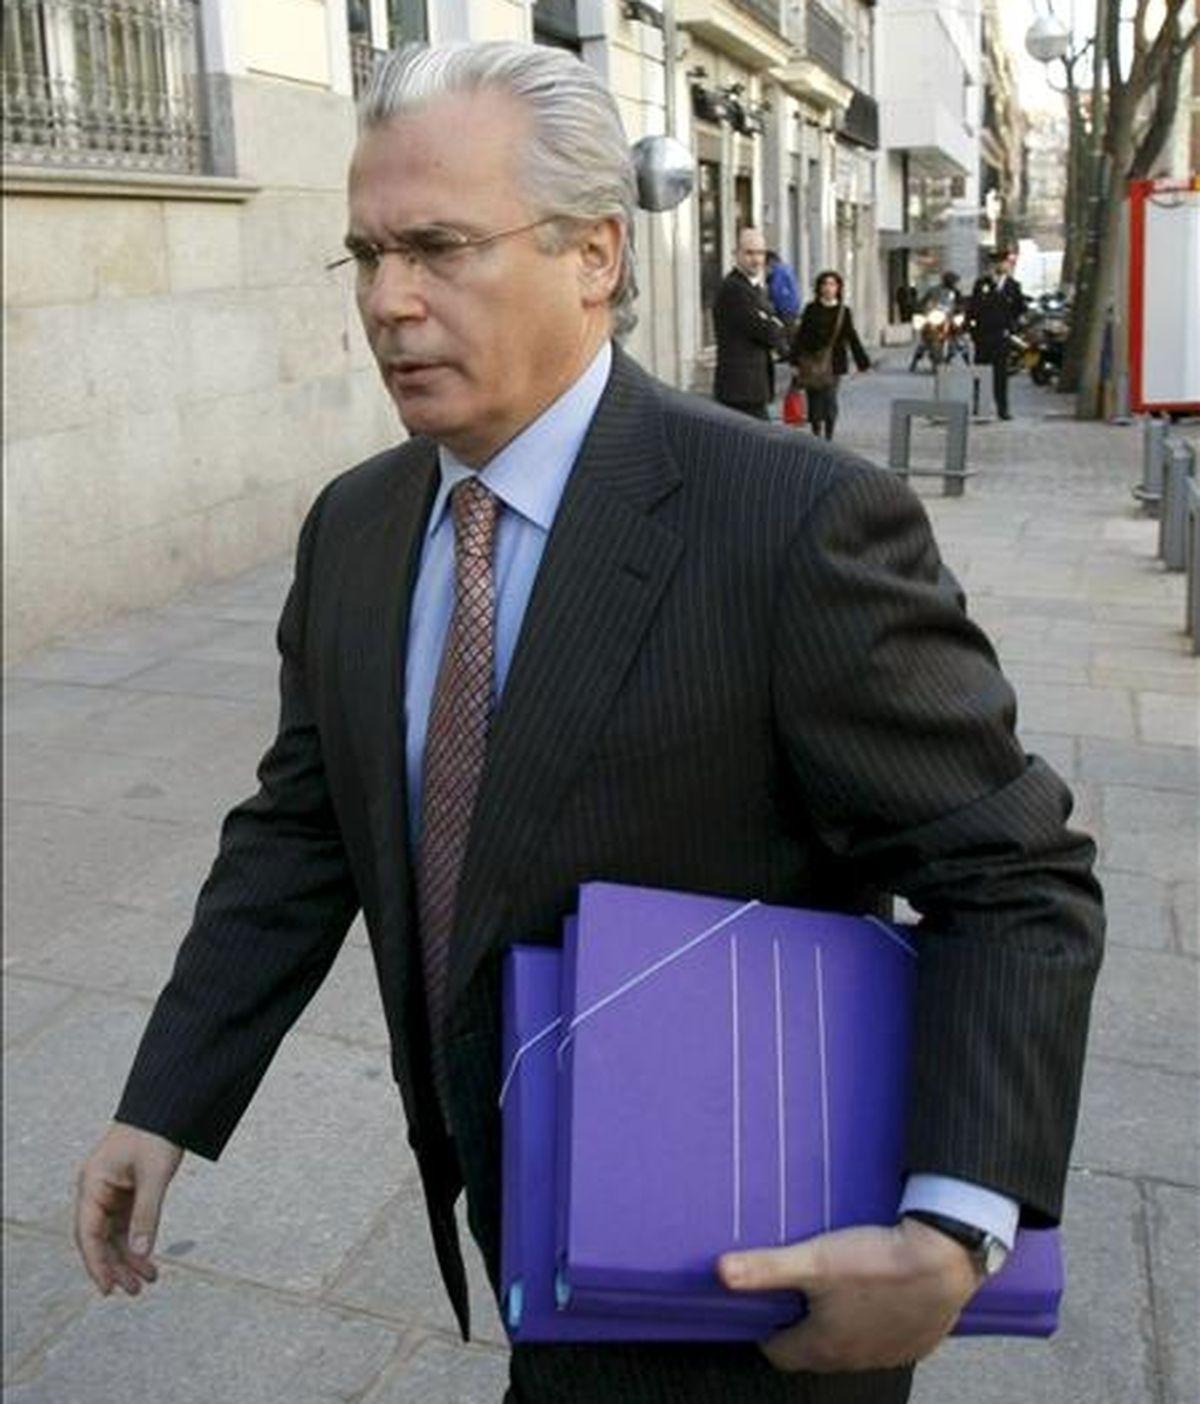 El juez de la Audiencia Nacional Baltasar Garzón, a su llegada a la sede del Consejo General del Poder Judicial el pasado 17 de enero. EFE/Archivo